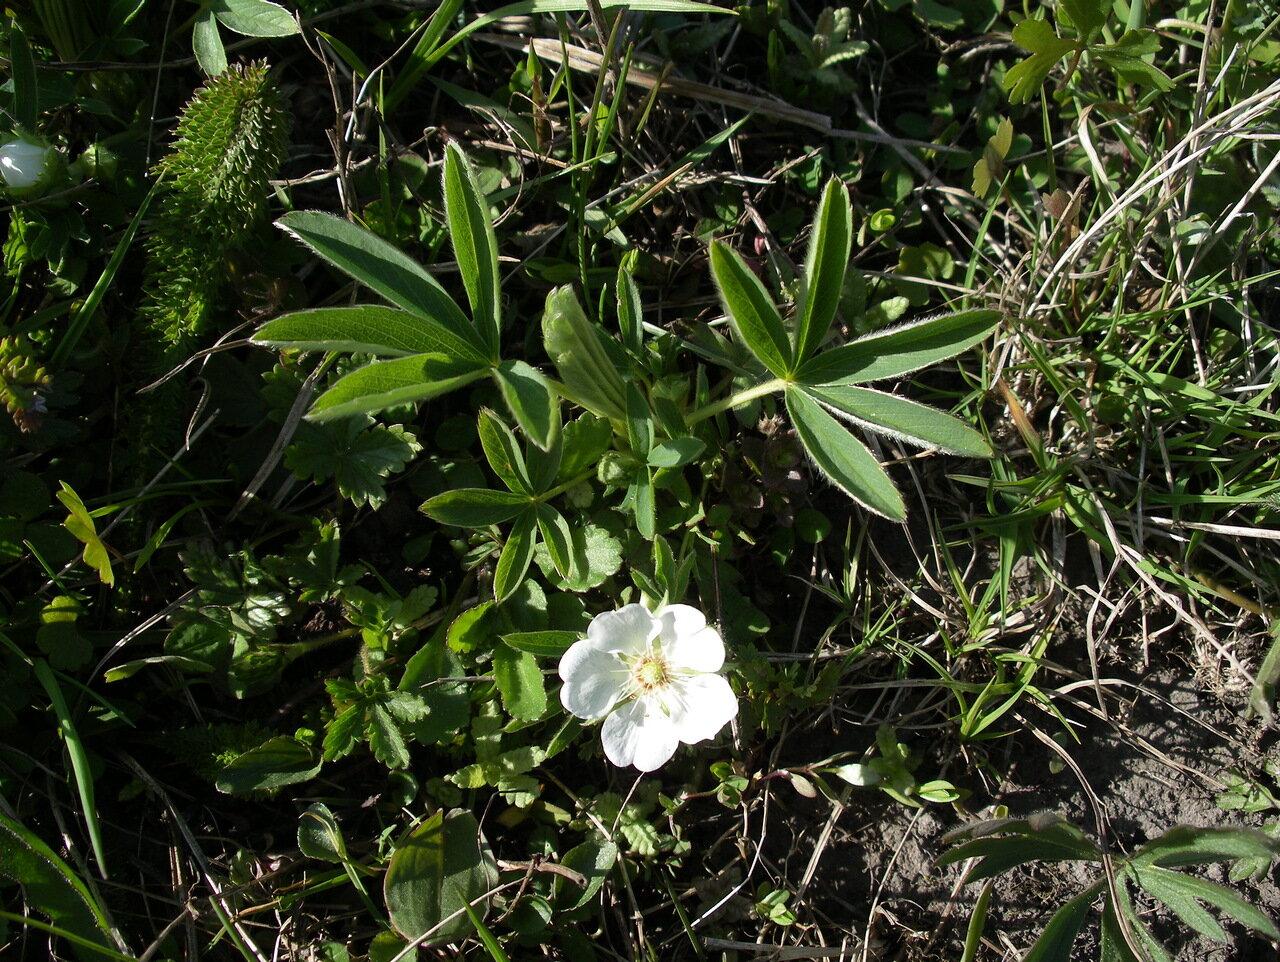 Лапчатка белая (Potentilla alba). Автор фото:Привалова Марина